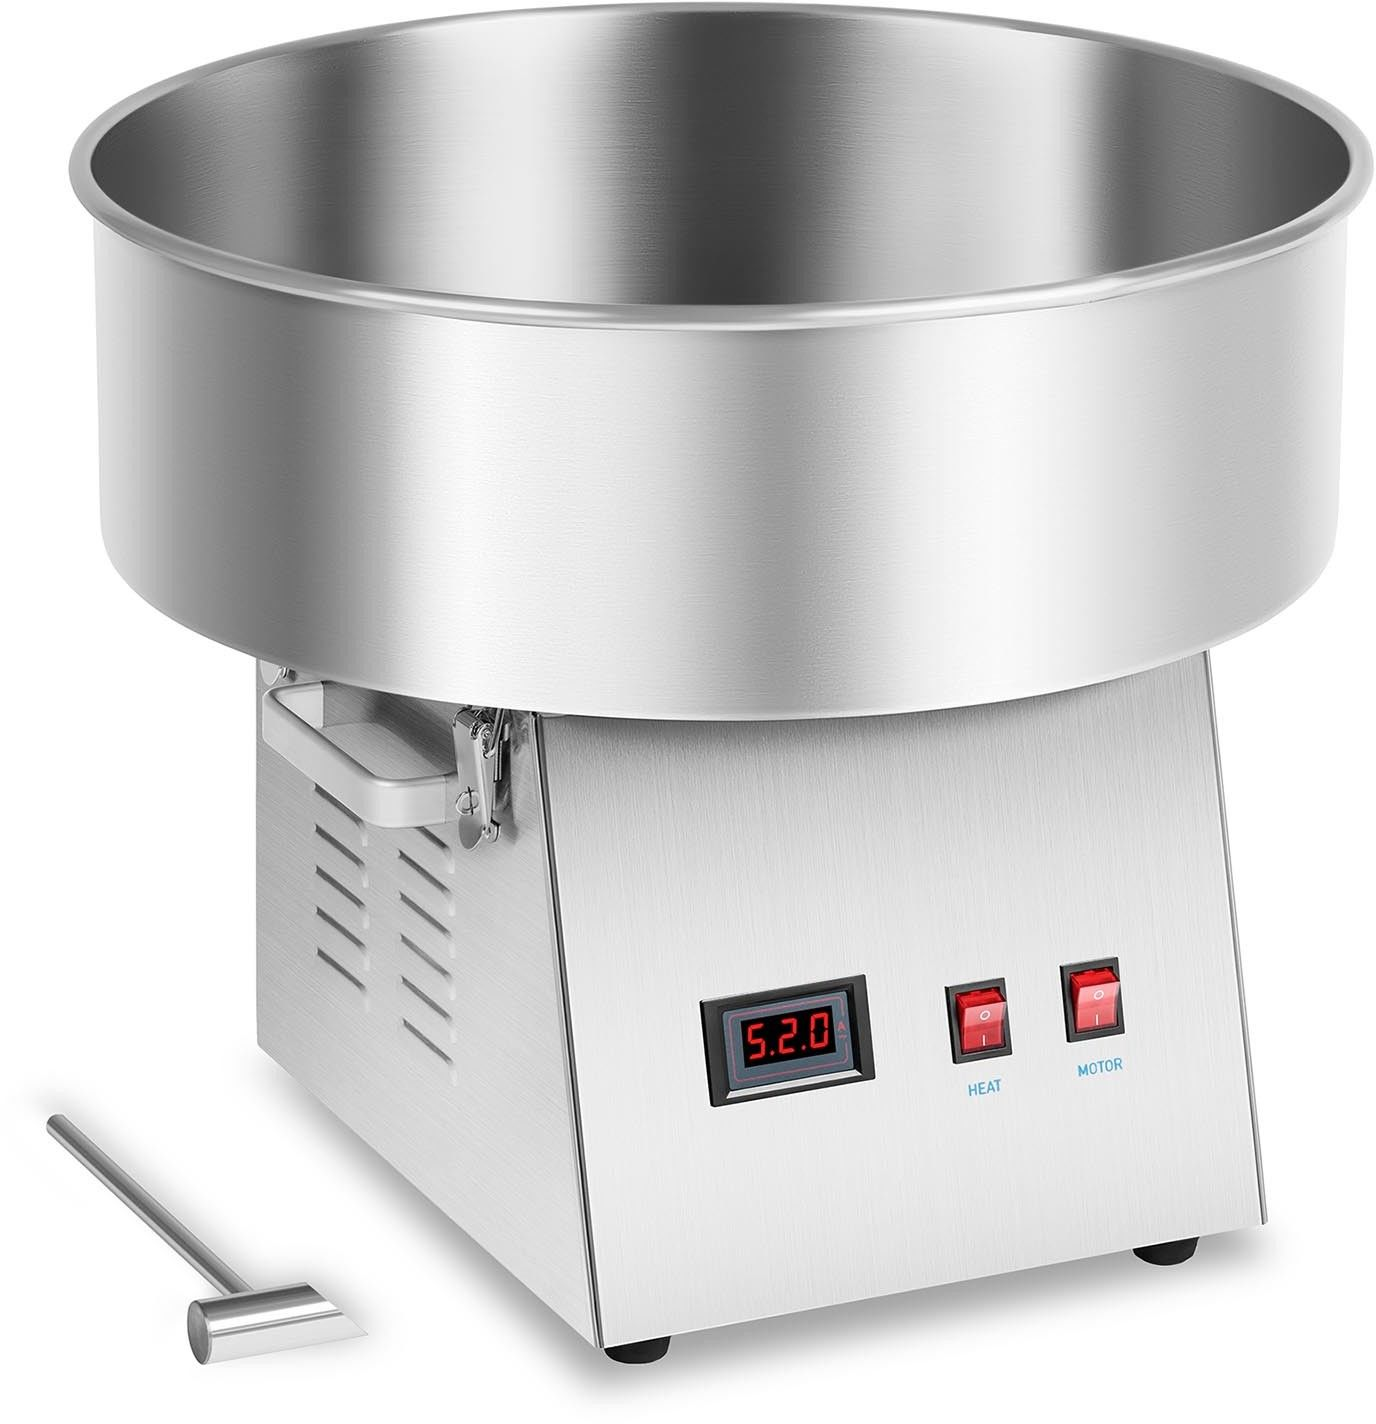 Zestaw Maszyna do waty cukrowej - 52 cm + Świecące pałeczki LED 50 sztuk - Royal Catering - RCZK-1030-W SET1 - 3 lata gwarancji/wysyłka w 24h